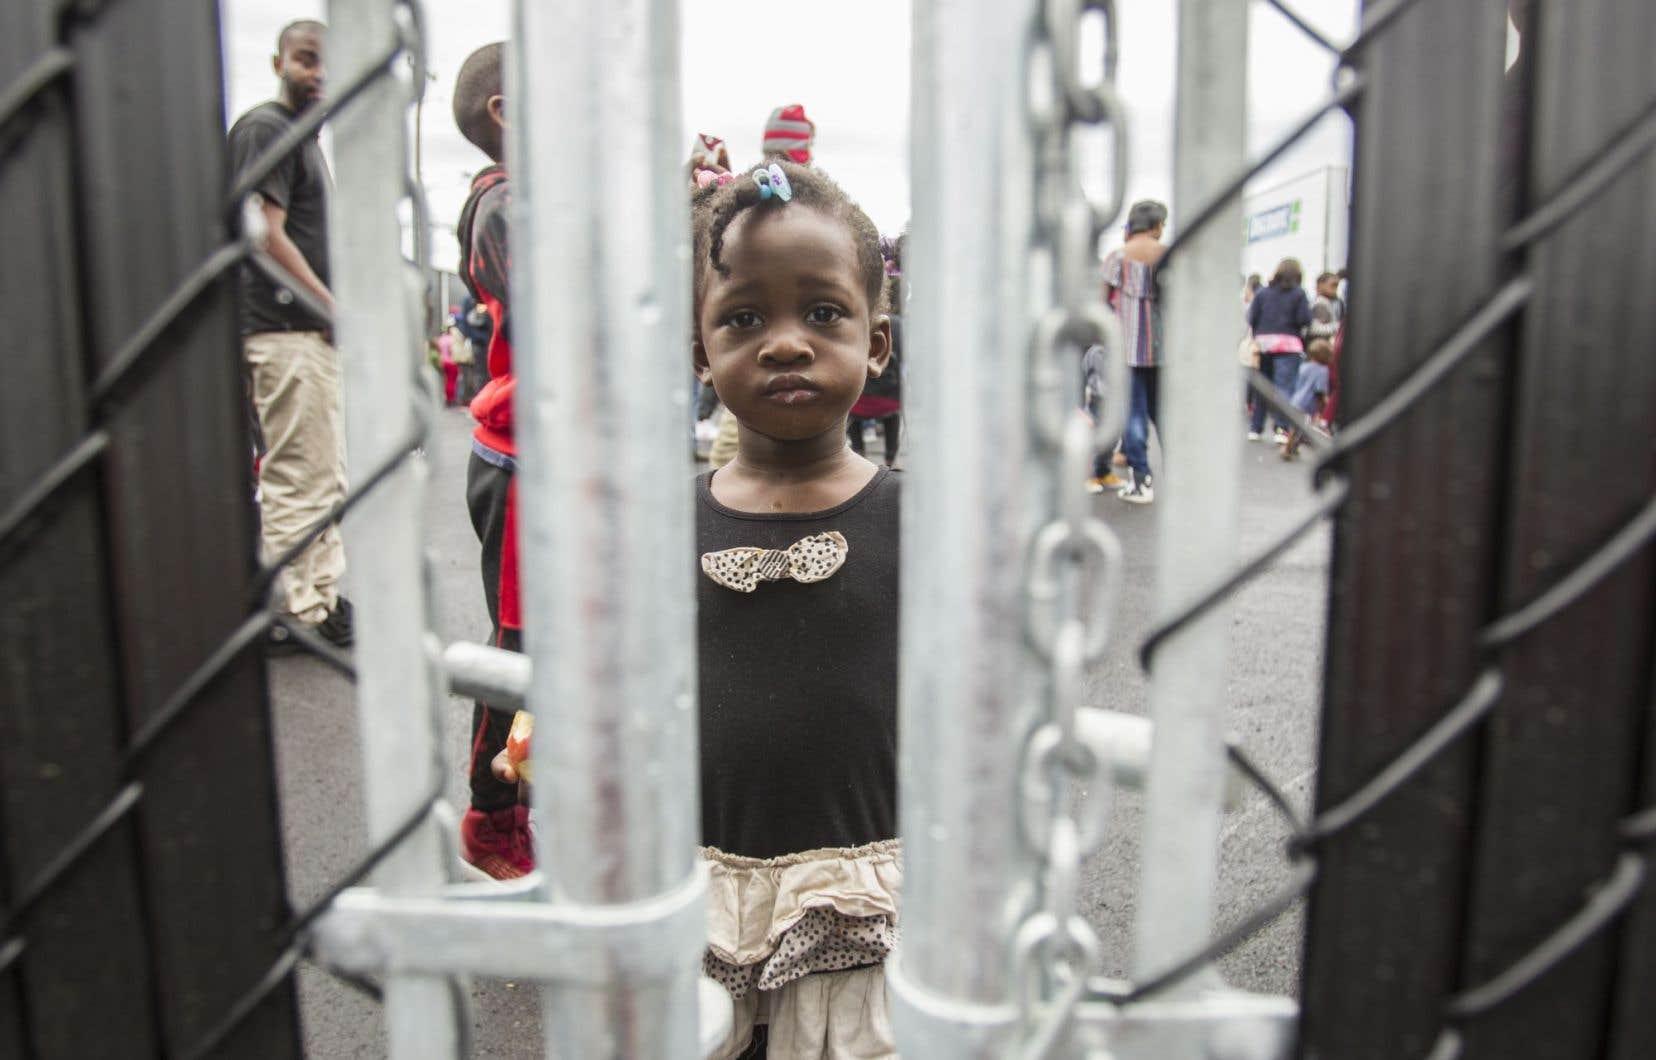 Dans le cas des demandeurs d'asile en provenance d'Haïti, une commissaire a accordé une réponse positive dans 16 % des cas, alors que la moyenne générale était de 45,9 % des demandes acceptées, entre 2013 et 2016.